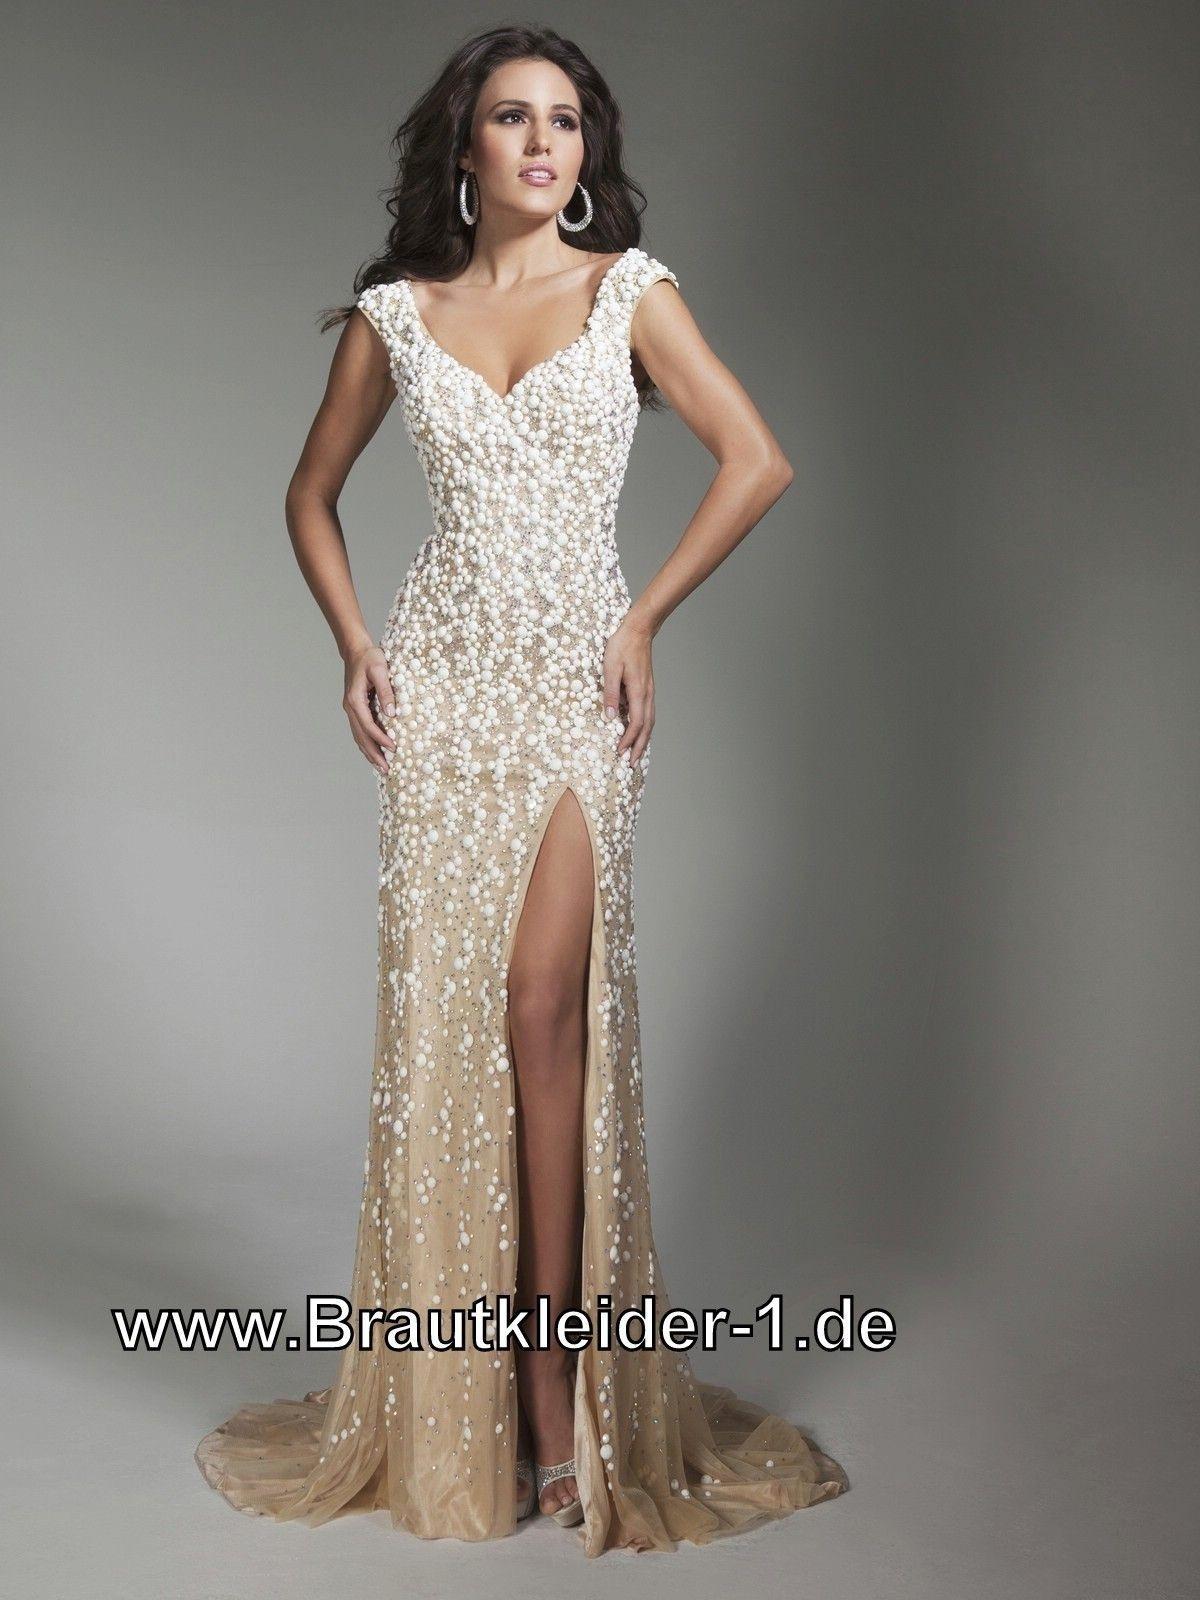 15 Luxus Abschlusskleider Lang Glitzer Boutique17 Leicht Abschlusskleider Lang Glitzer Stylish